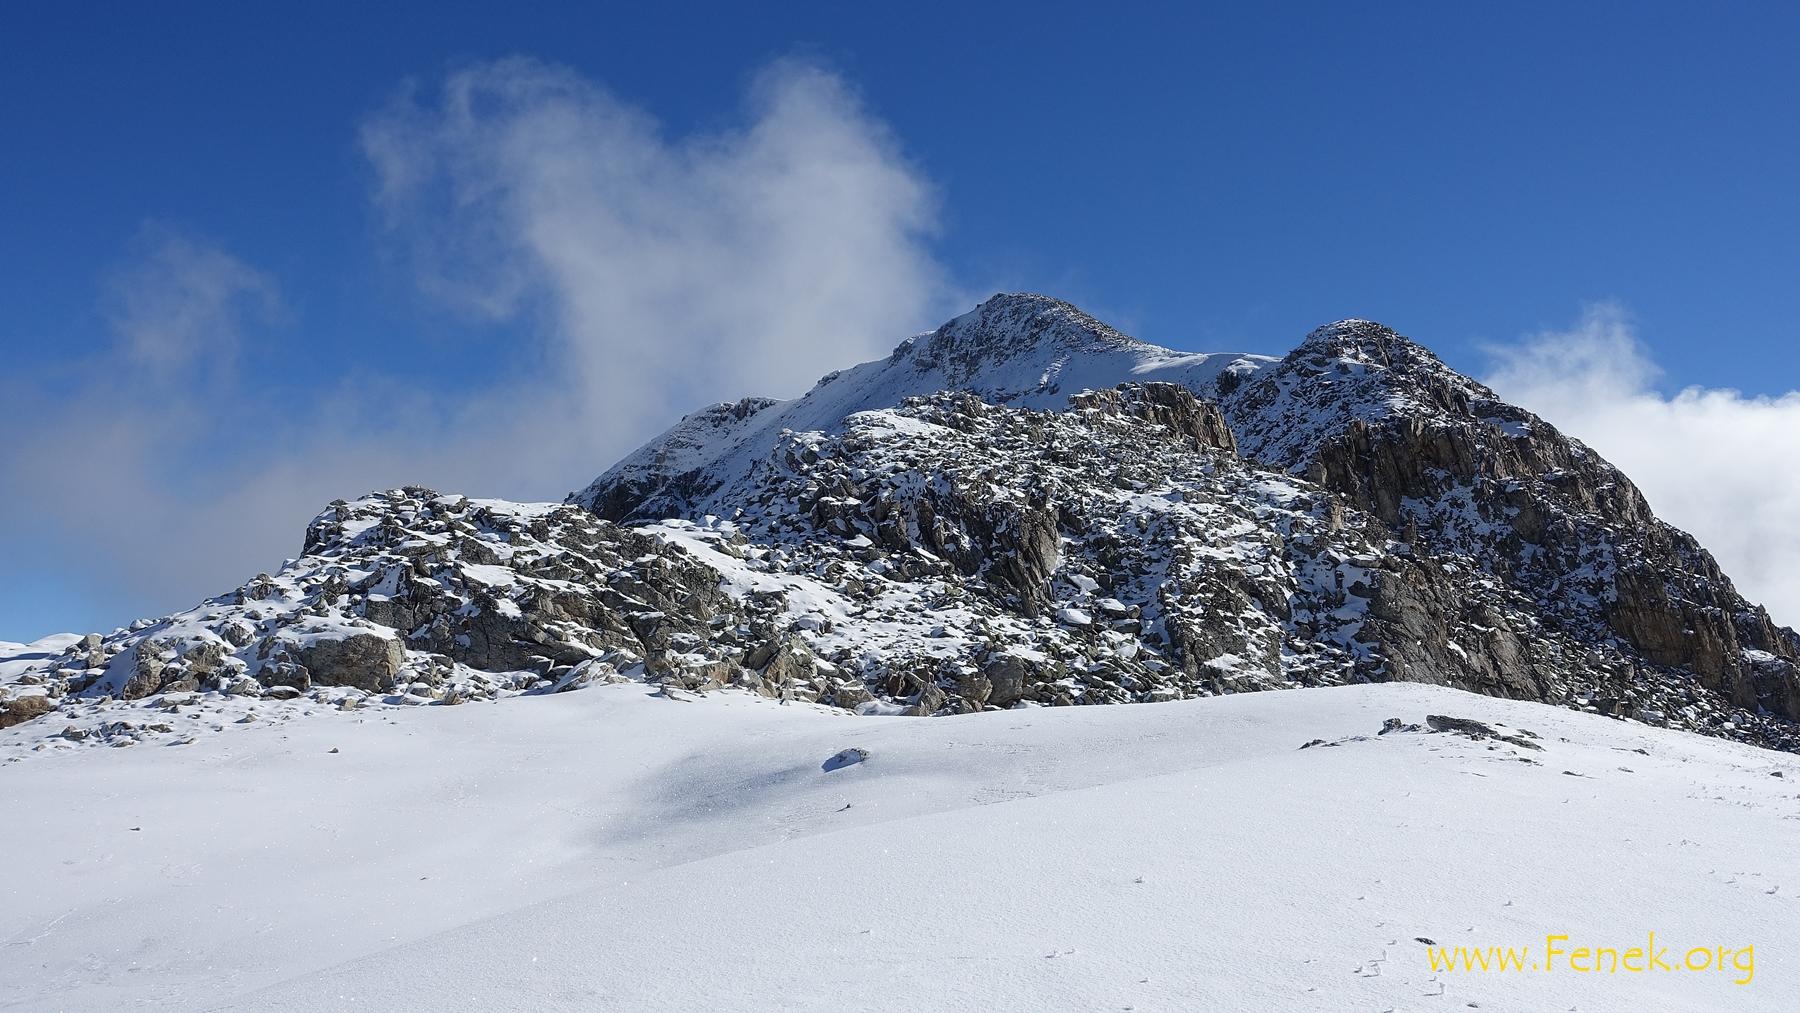 nächste Aufgabe - SW Grat hinauf zum Gipfel